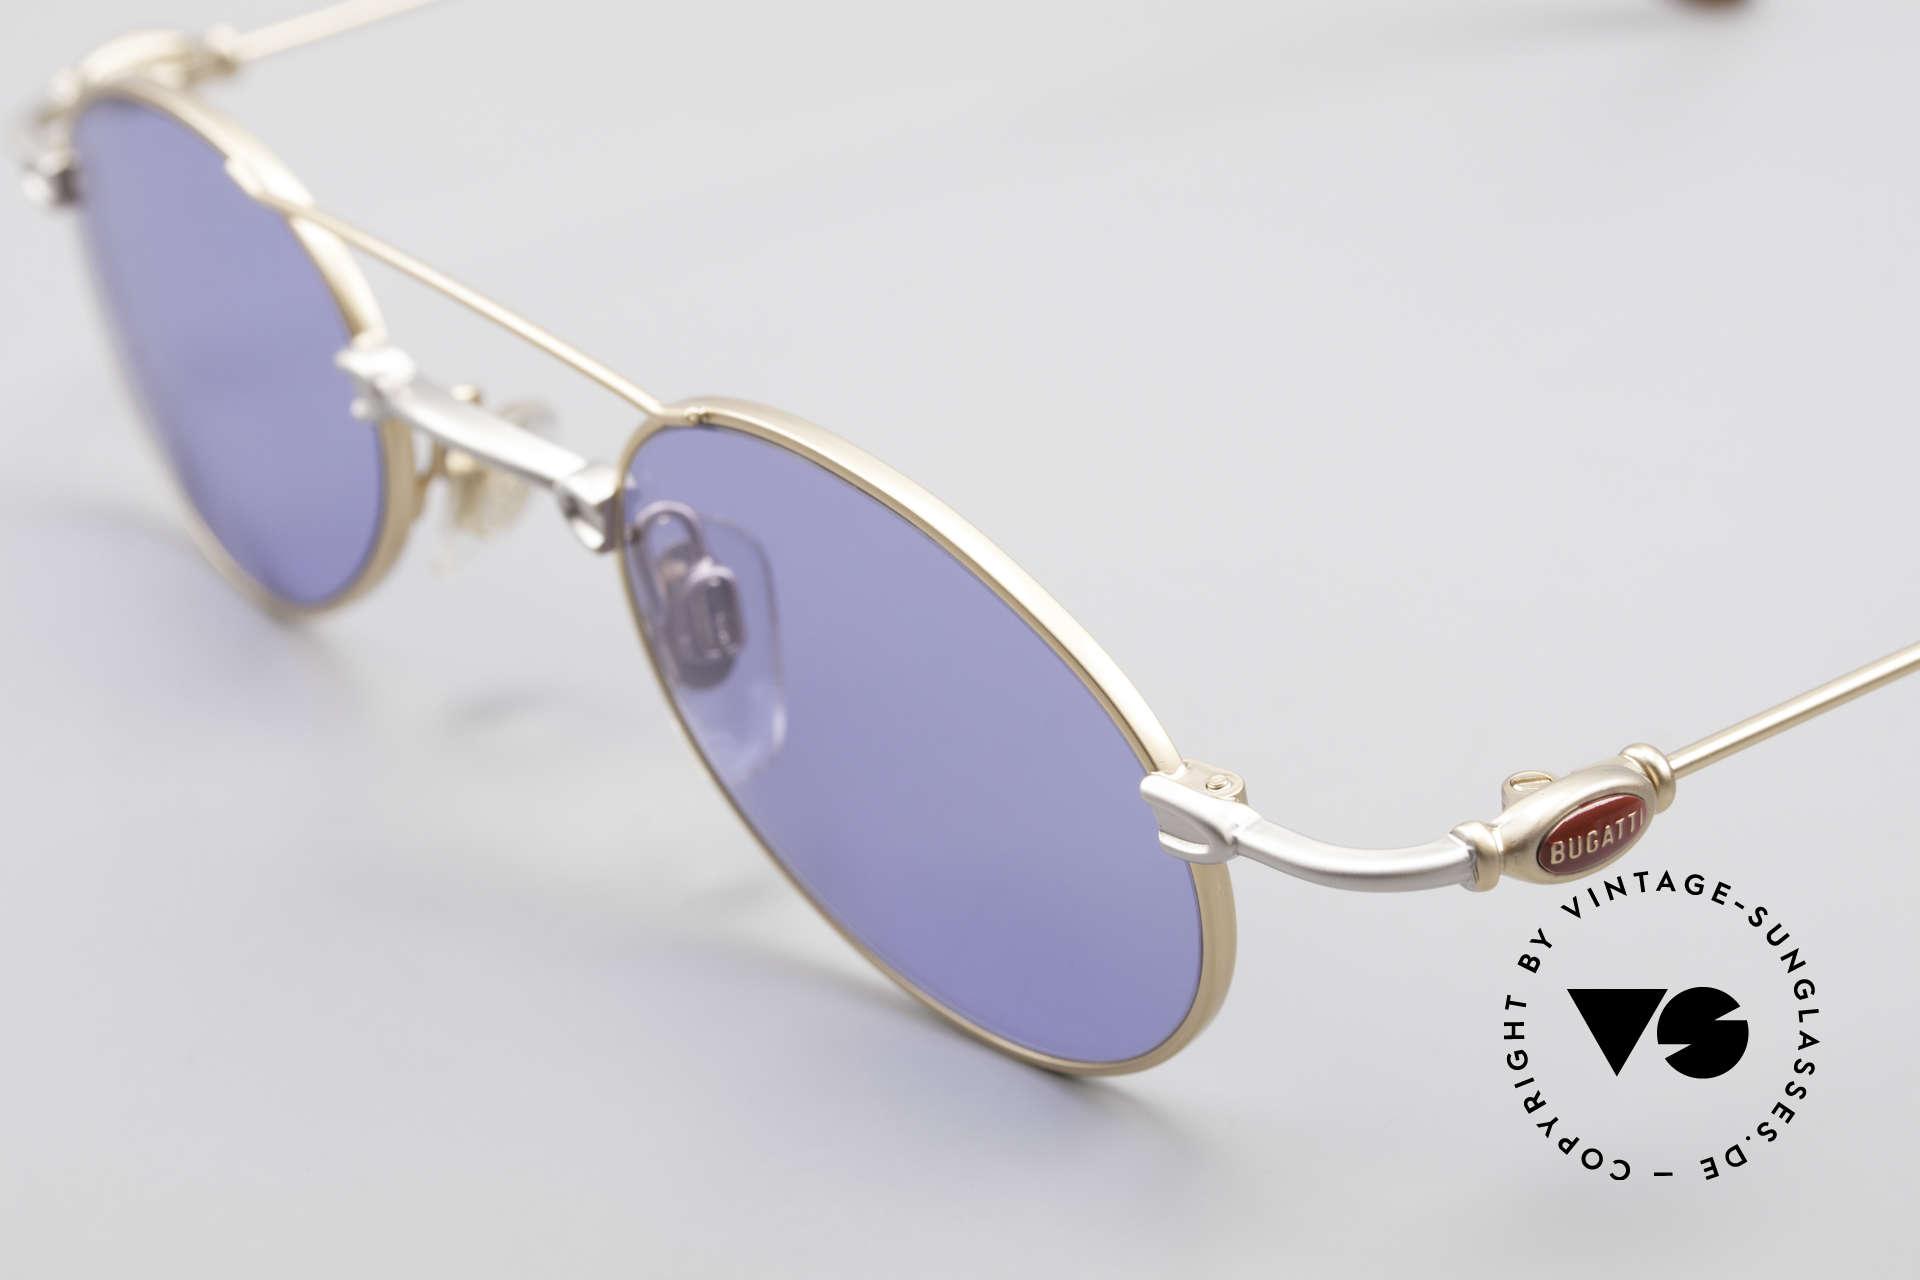 Bugatti 10868 Luxus Herren Sonnenbrille, ungetragene Rarität (inkl. orig. Hartetui von Bugatti), Passend für Herren